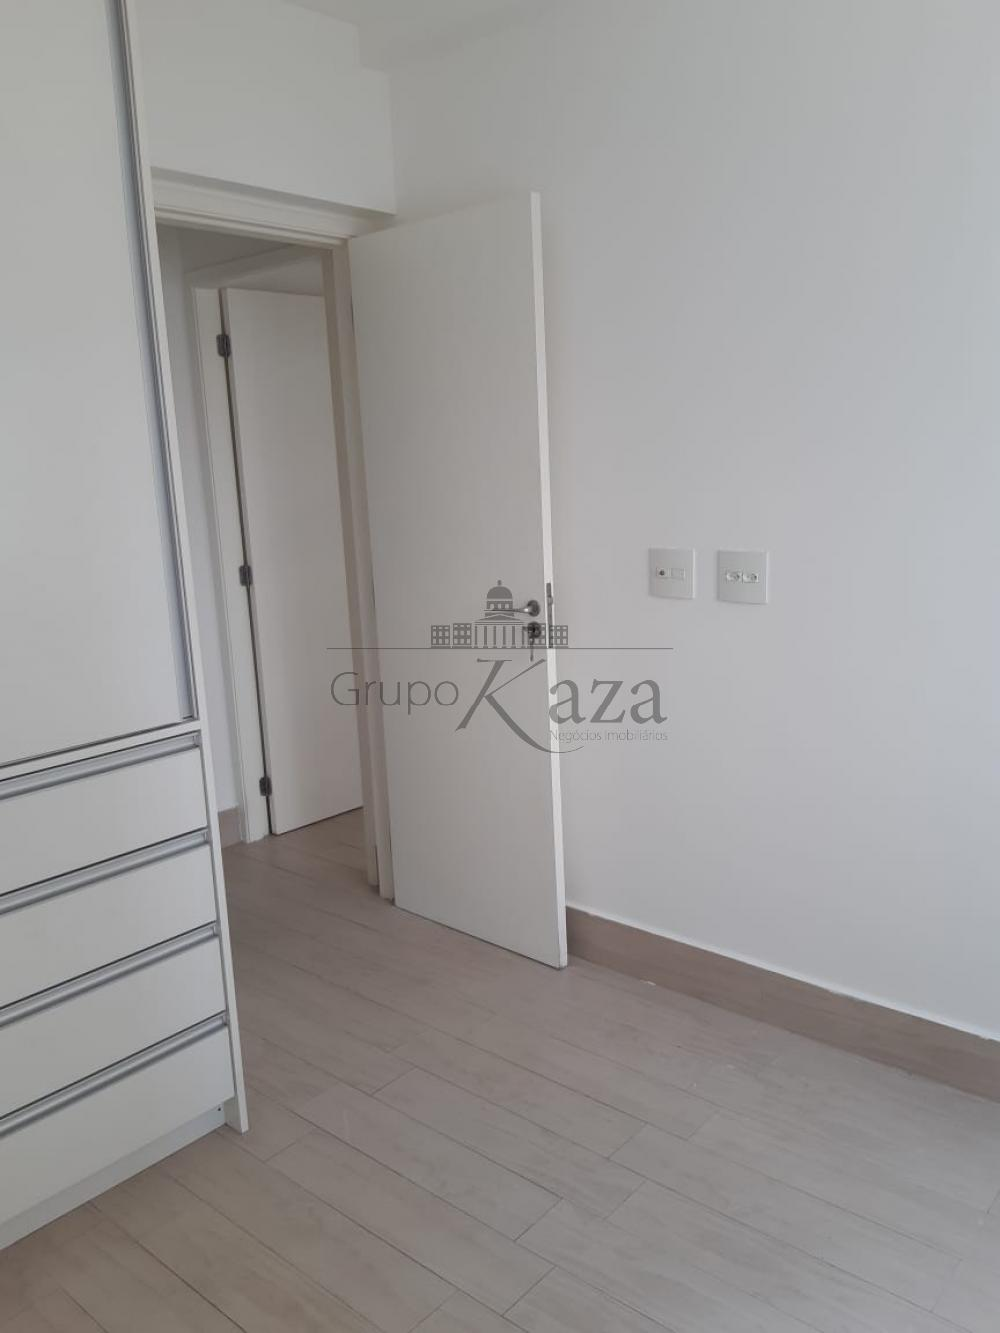 alt='Alugar Apartamento / Padrão em São José dos Campos R$ 2.400,00 - Foto 16' title='Alugar Apartamento / Padrão em São José dos Campos R$ 2.400,00 - Foto 16'